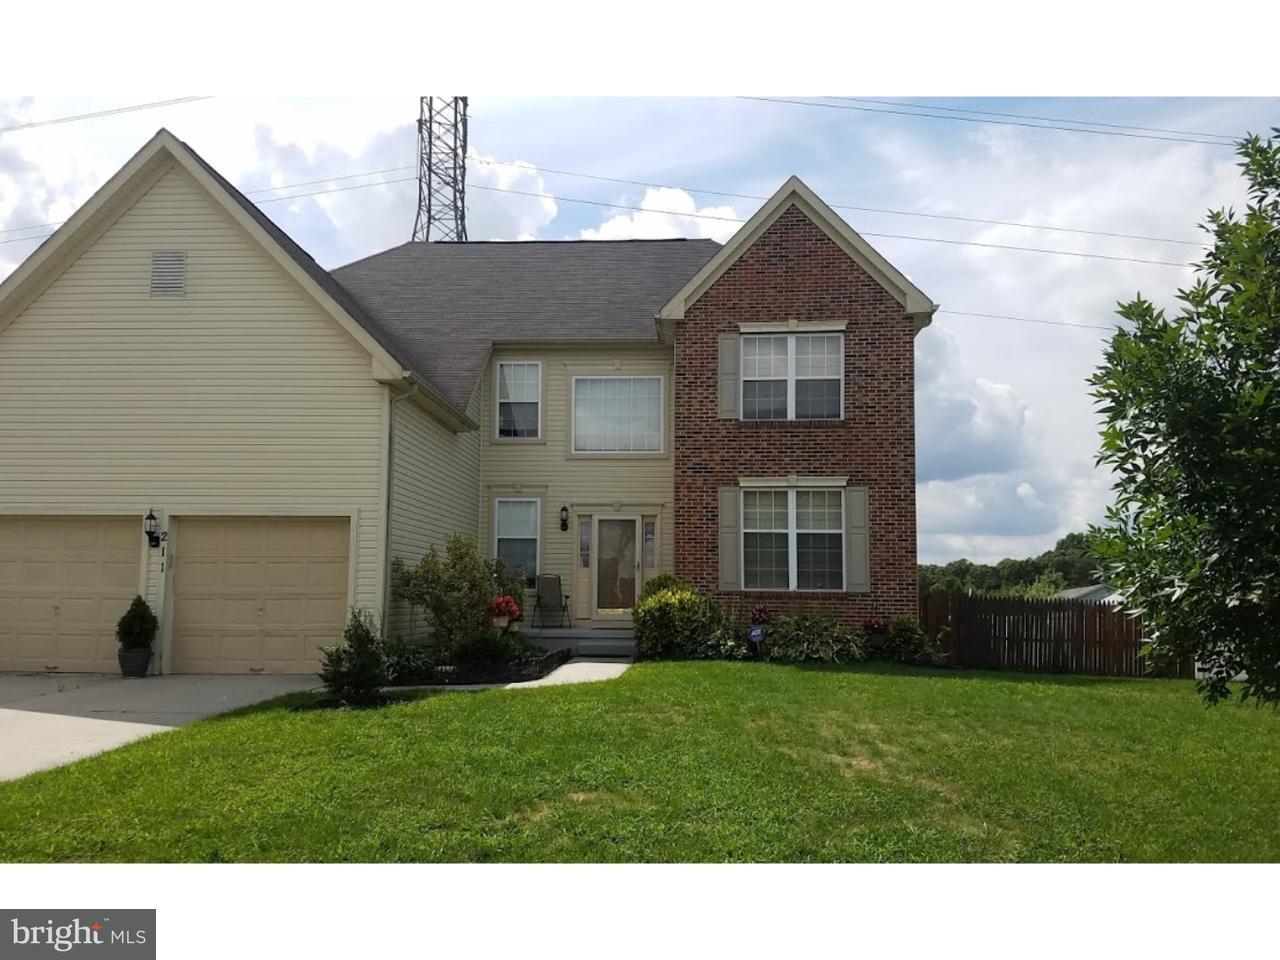 Maison unifamiliale pour l Vente à 211 STOCKTON BLVD Berlin Boro, New Jersey 08009 États-Unis